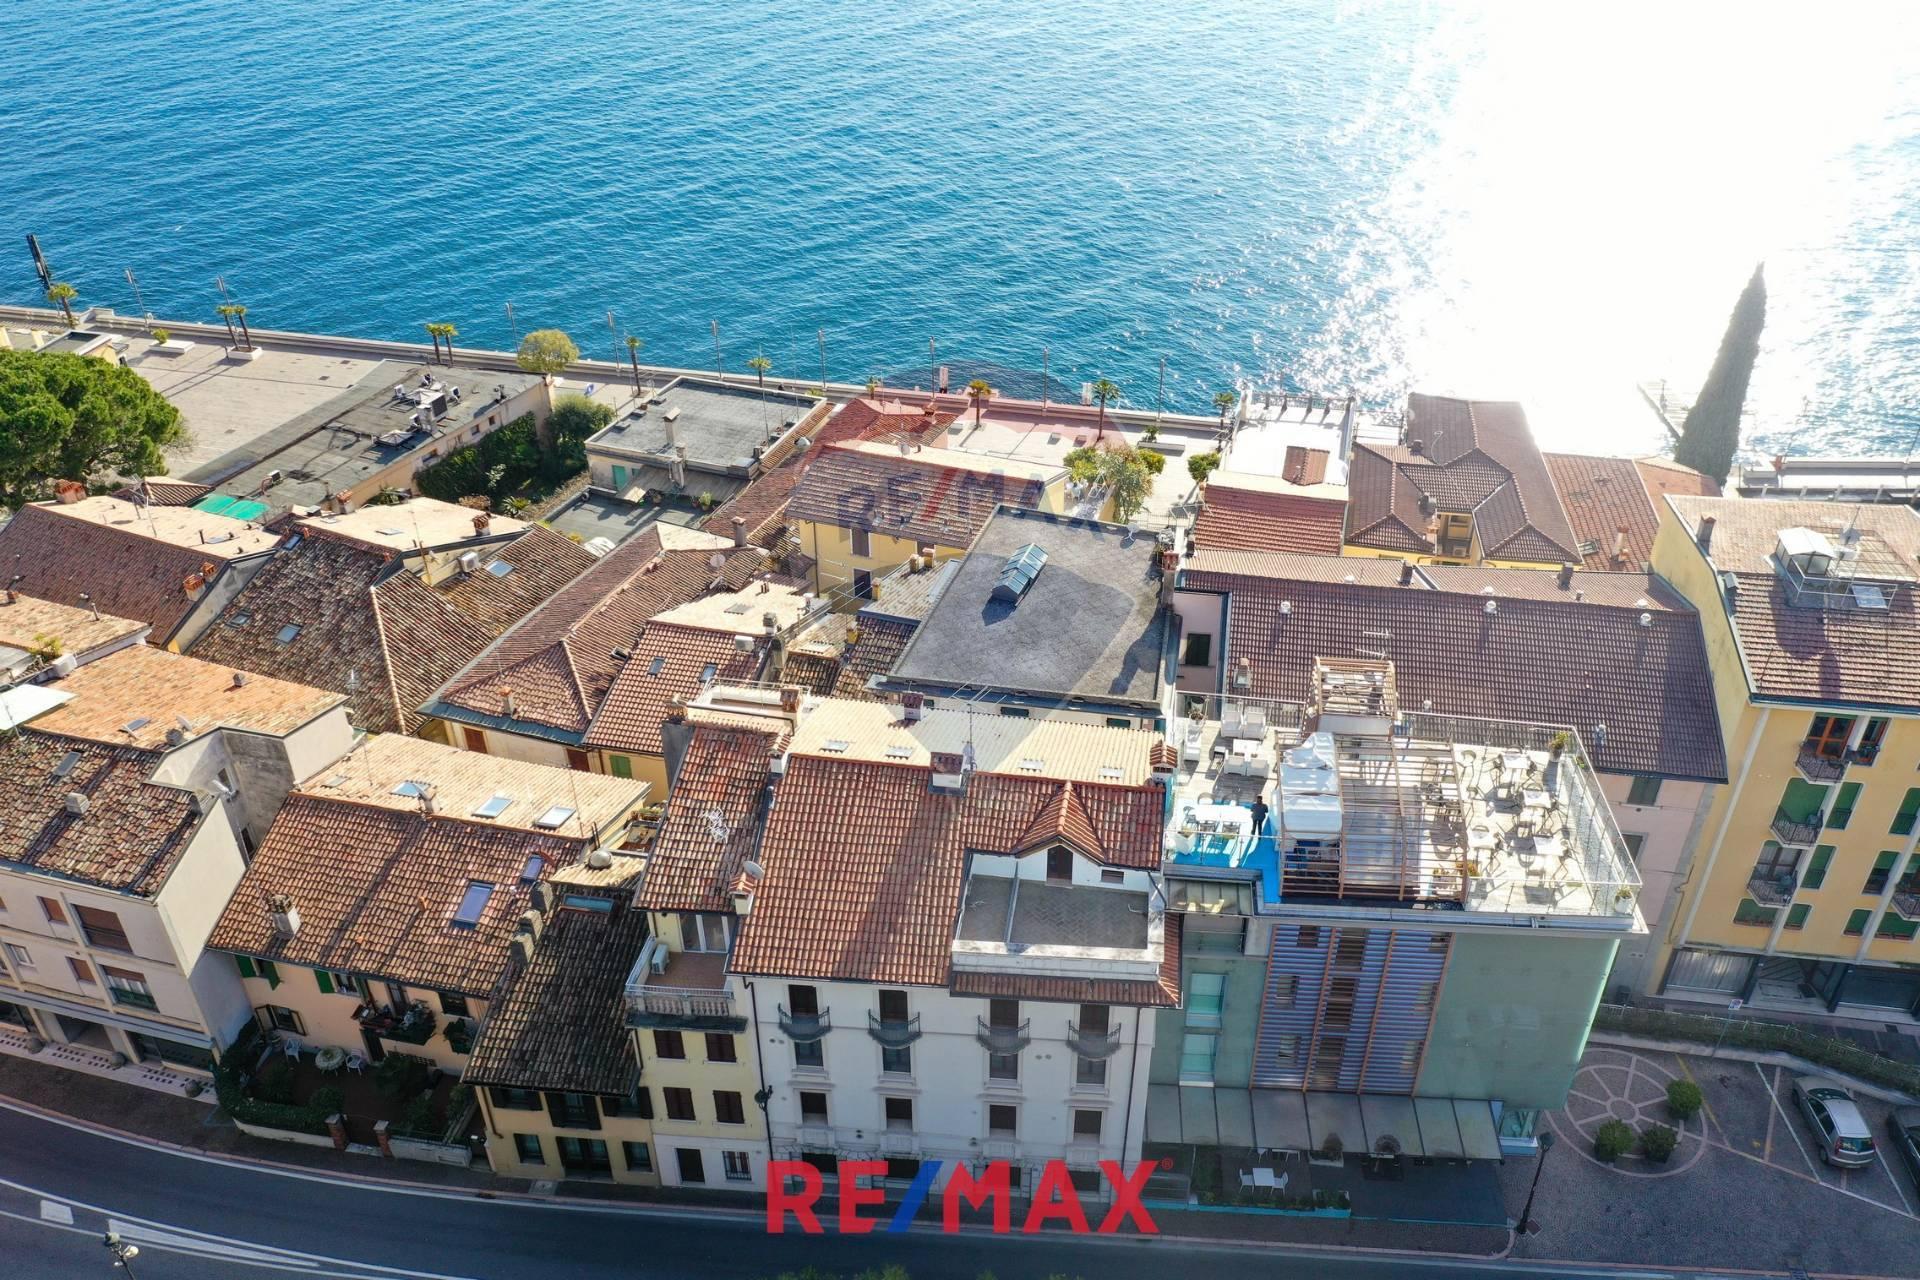 Appartamento in vendita a Gardone Riviera, 4 locali, zona Località: GardoneSotto, prezzo € 275.000 | CambioCasa.it